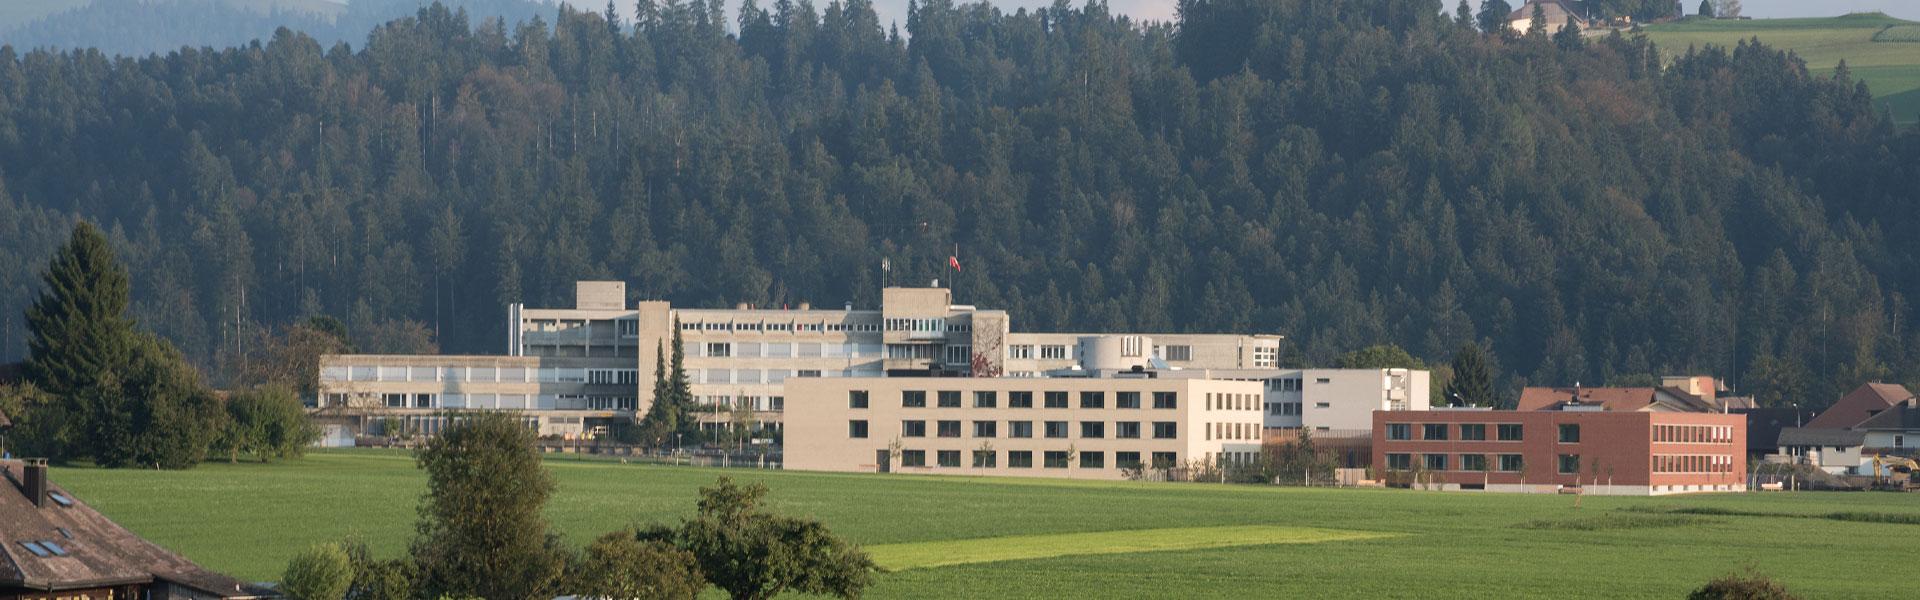 Datenschutzerklärung - Alterszentrum Sumiswald AG